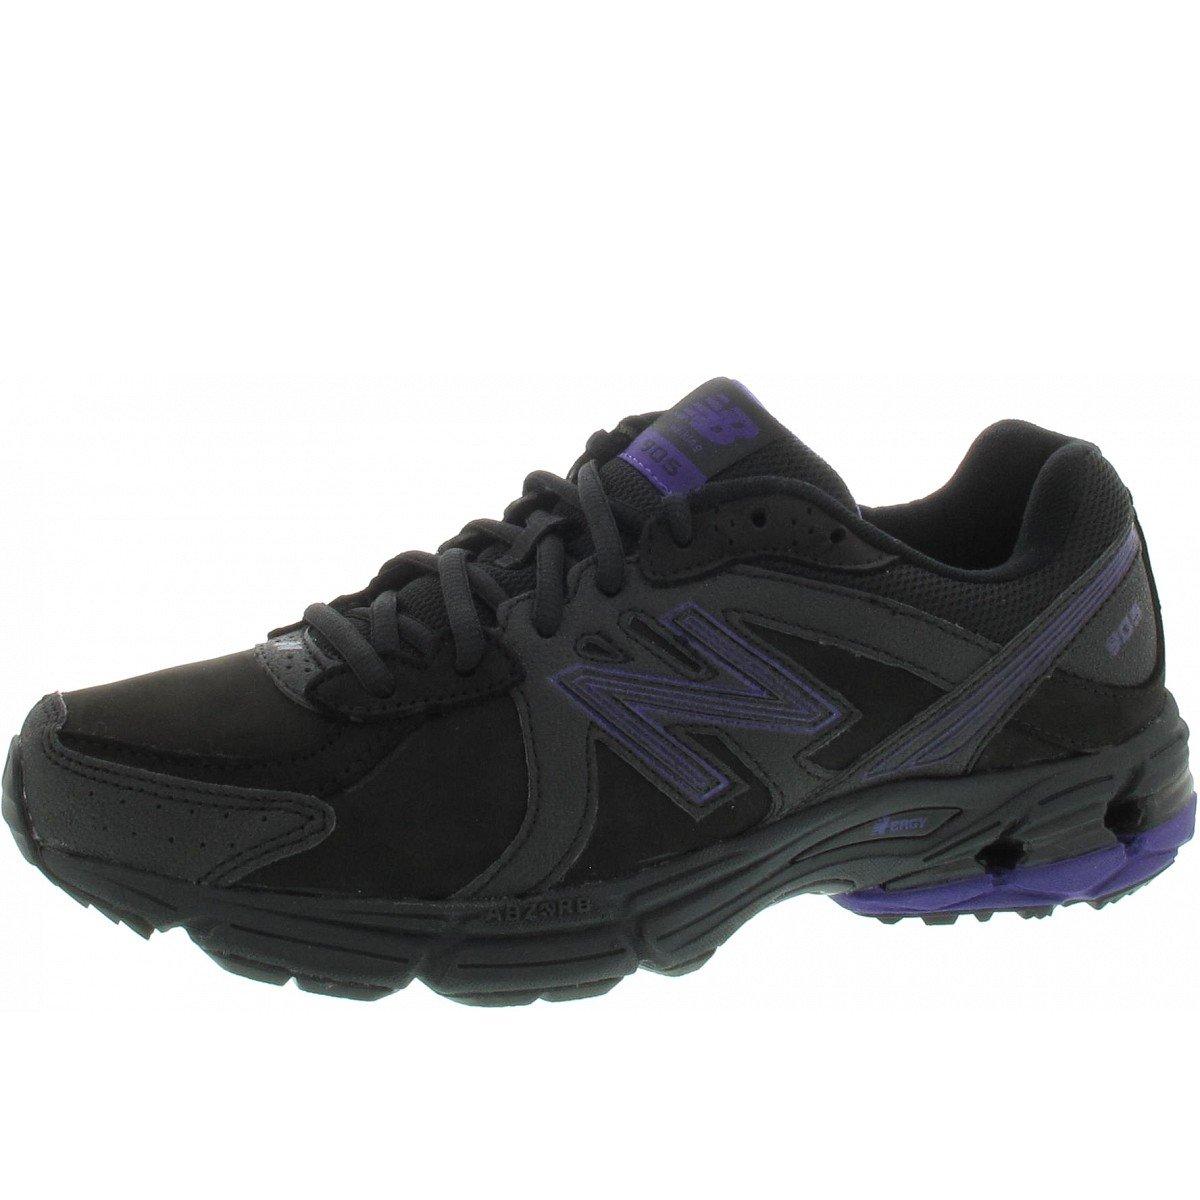 New Balance 358141_WW905 B_Glattleder, Chaussures de Marche